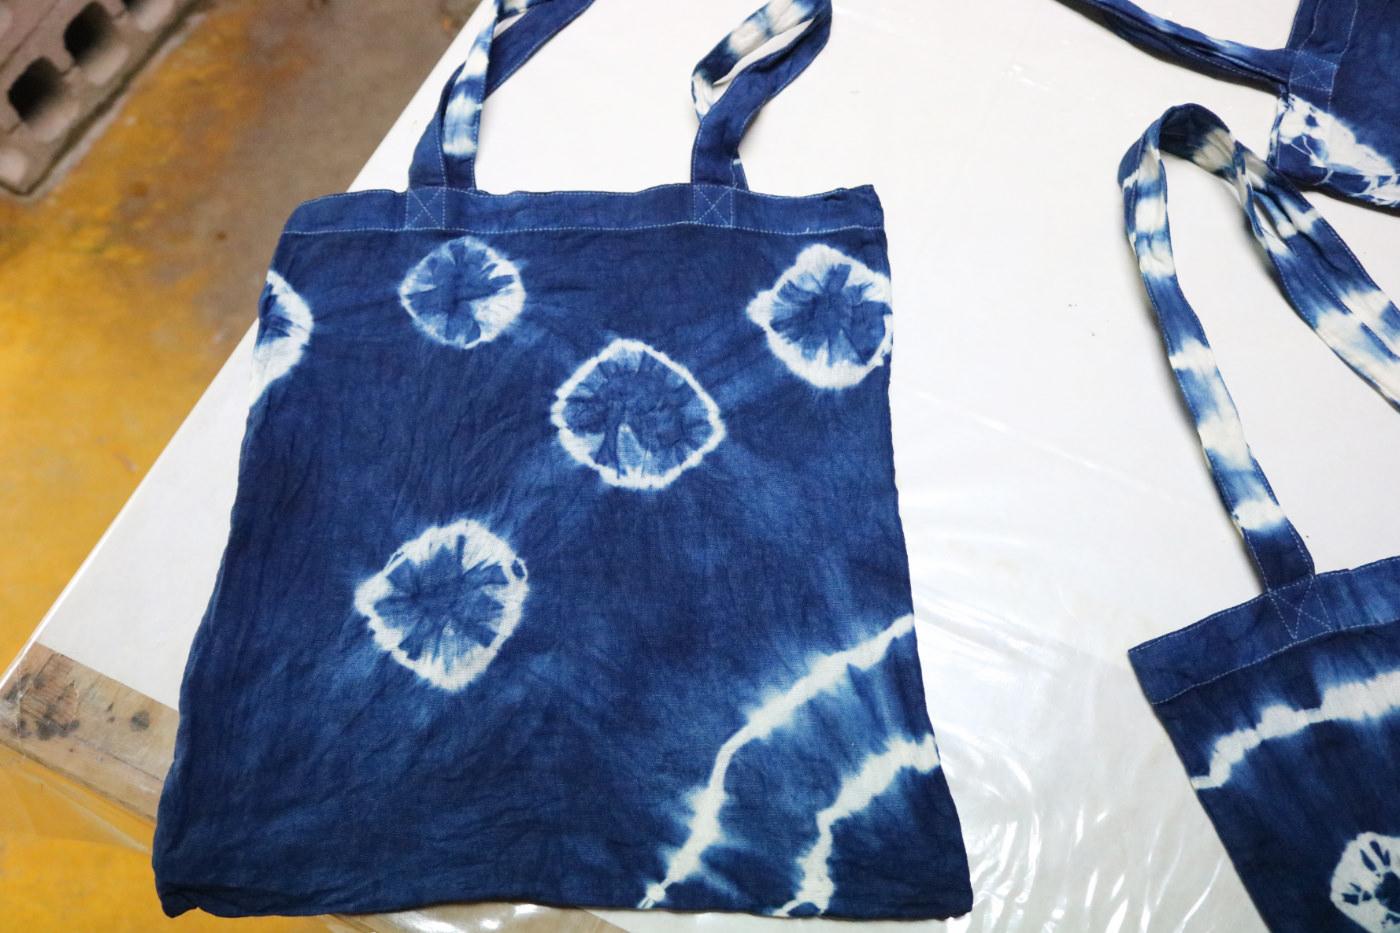 《日本》沖繩王國村傳統工藝藍染手作體驗 自己的布袋自己作